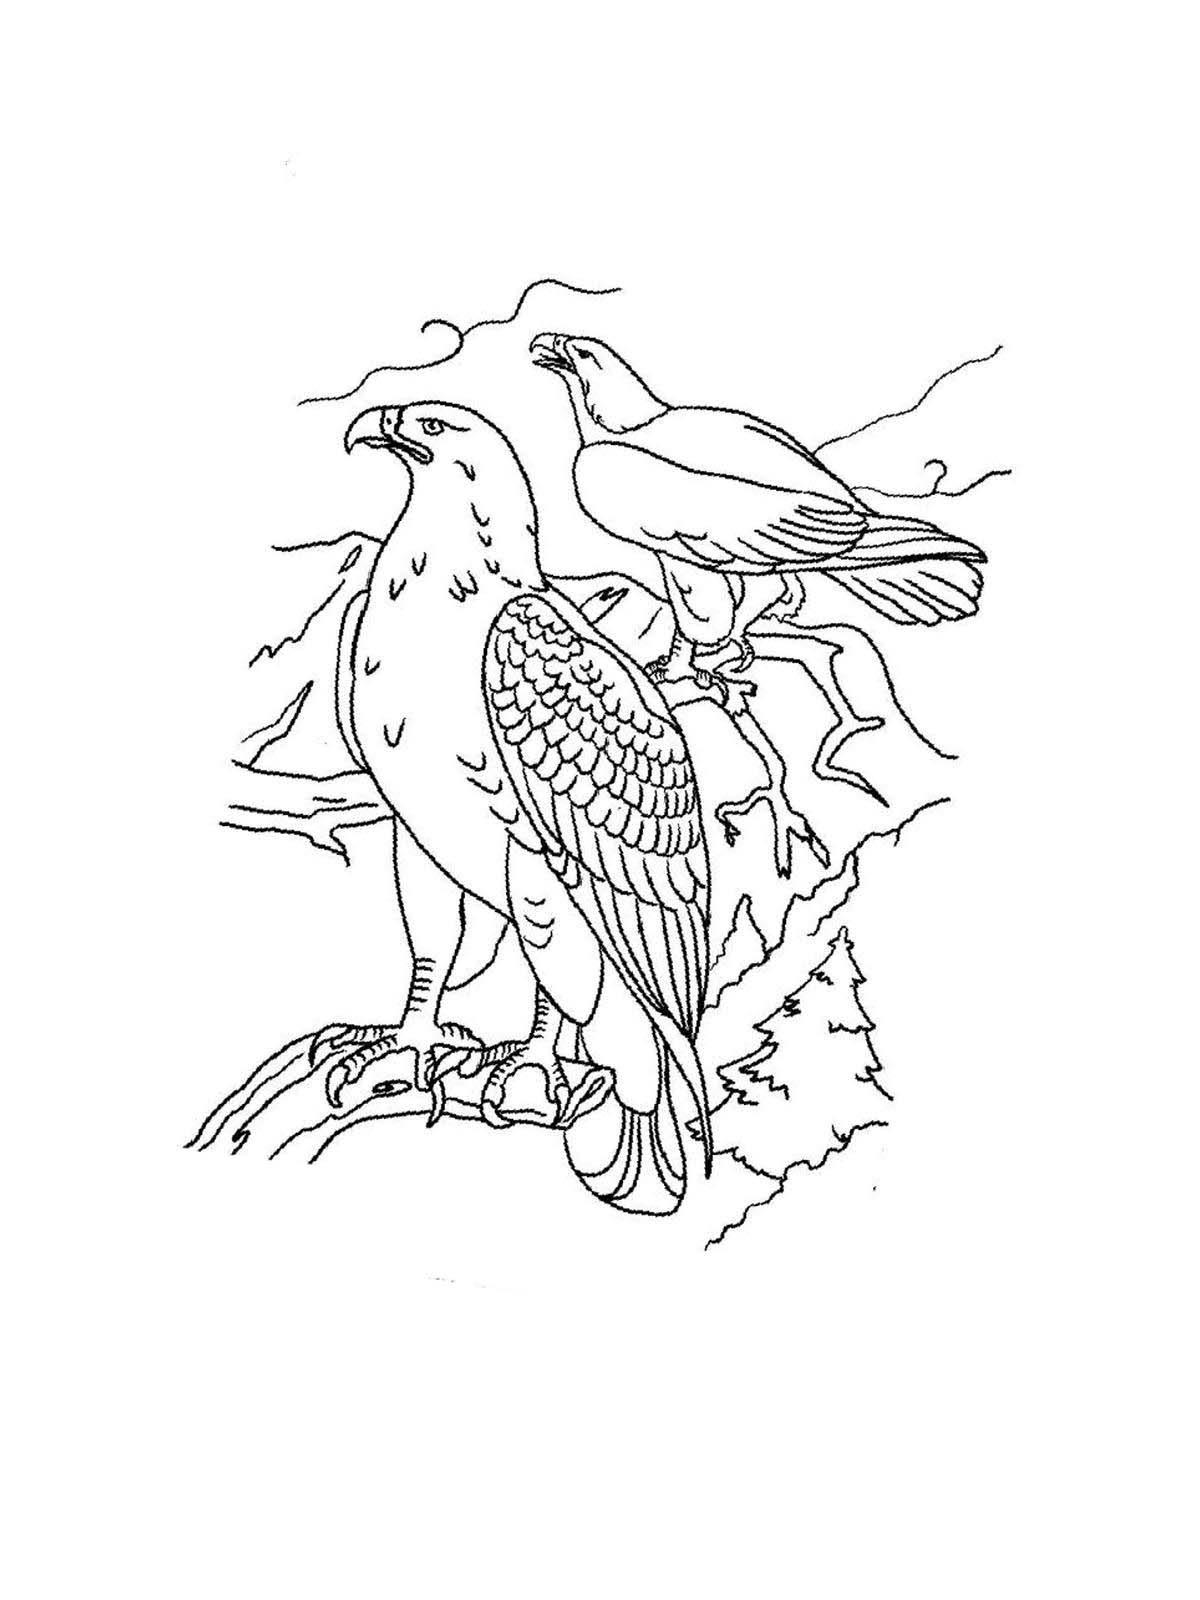 Beim Ausmalen können Kinder eigene Gefühle ausdrücken Hier können Sie Ausmalbilder von Adler kostenlos ausdrucken Malvorlagen für Kinder